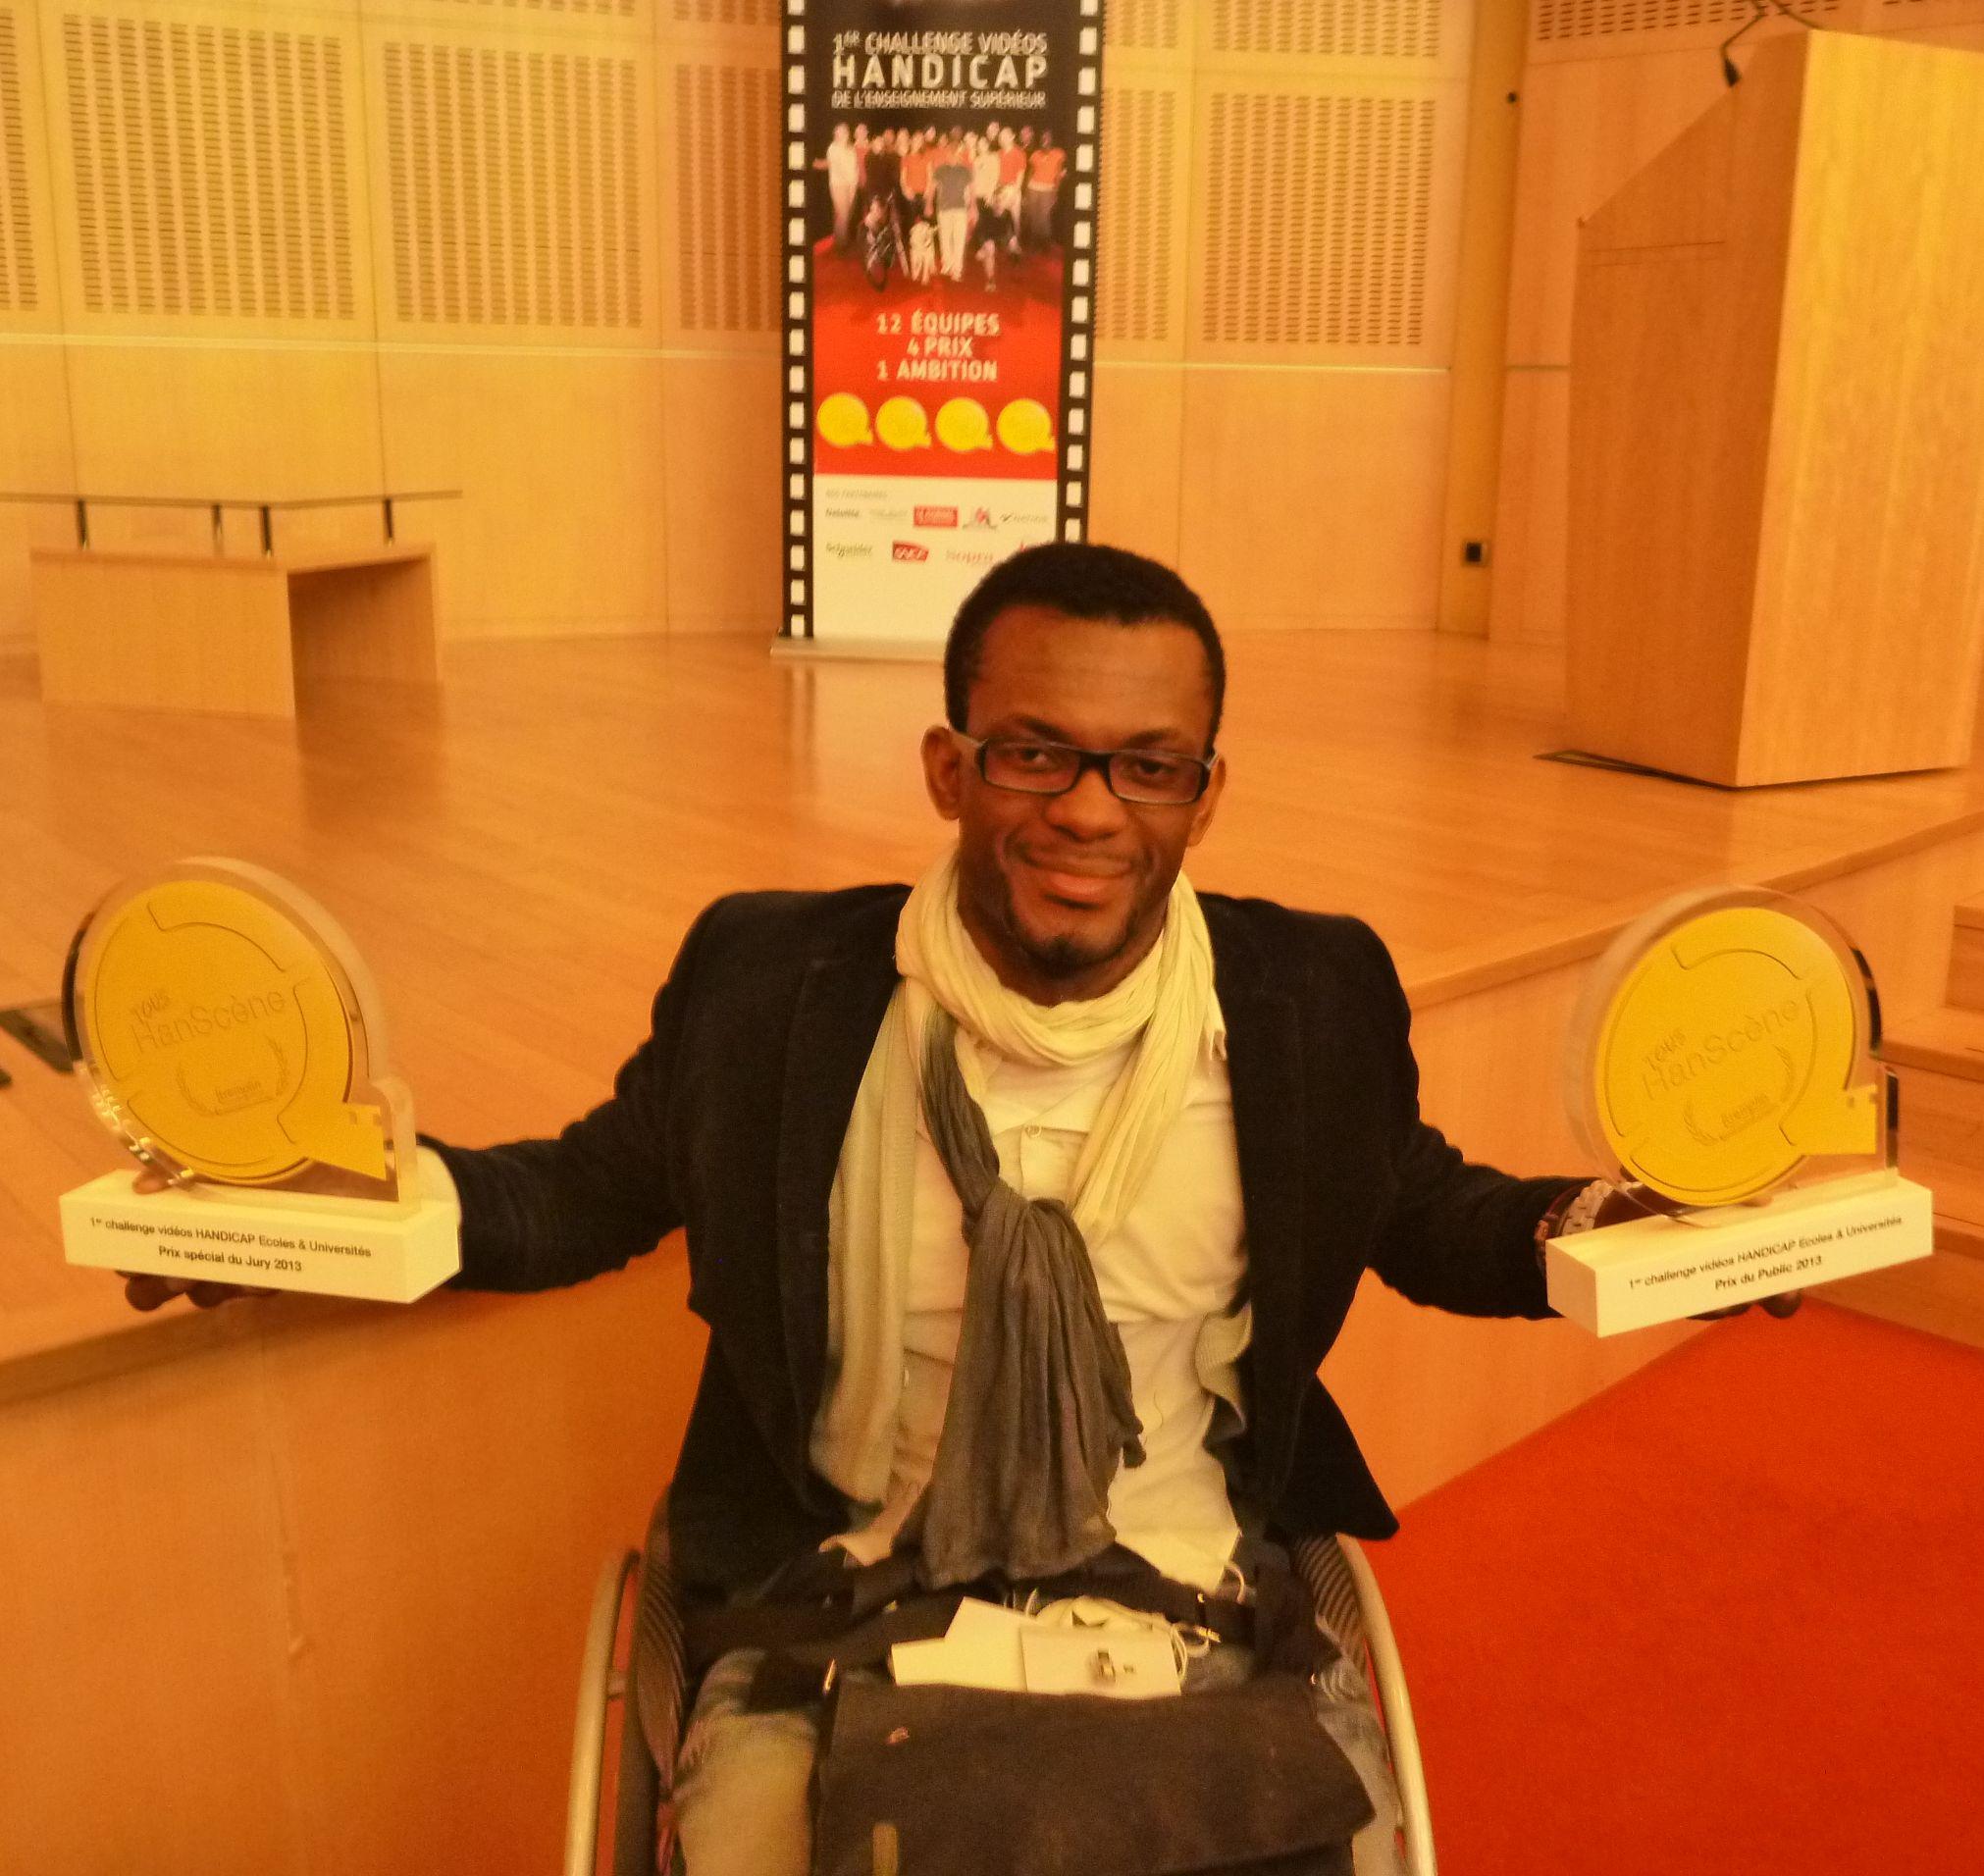 Bordeaux 2 grand vainqueur du premier «Challenge vidéo handicap TREMPLIN Tous HanScène®»